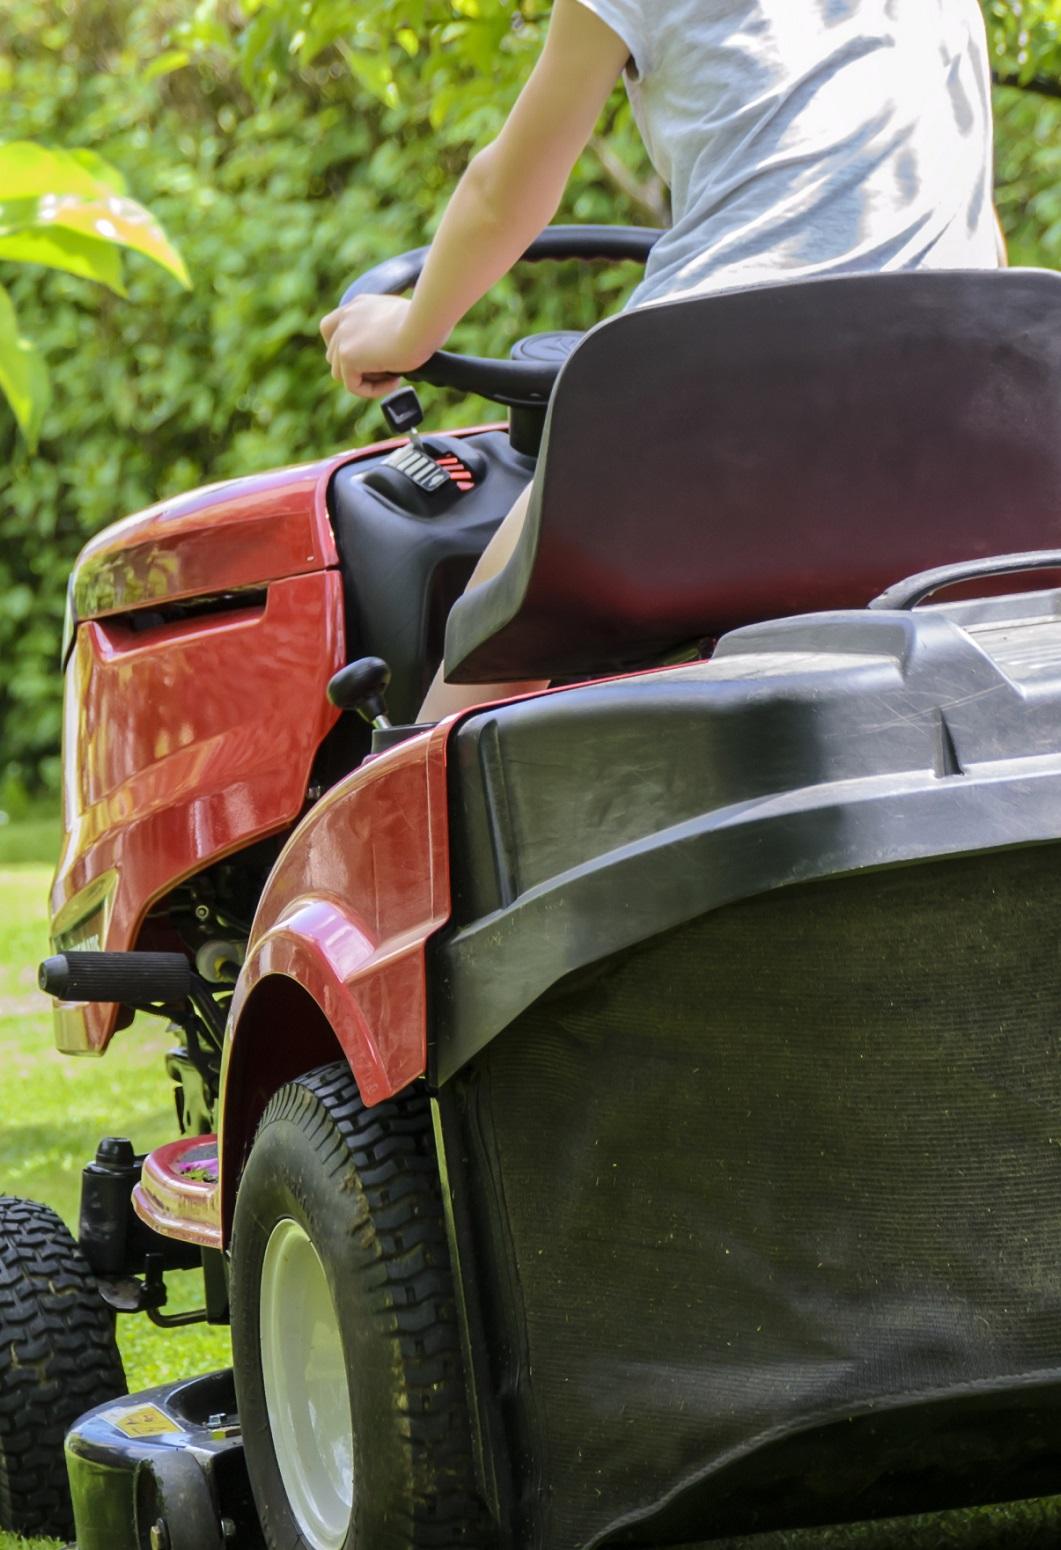 Gutscheinvorlage Rasen mähen